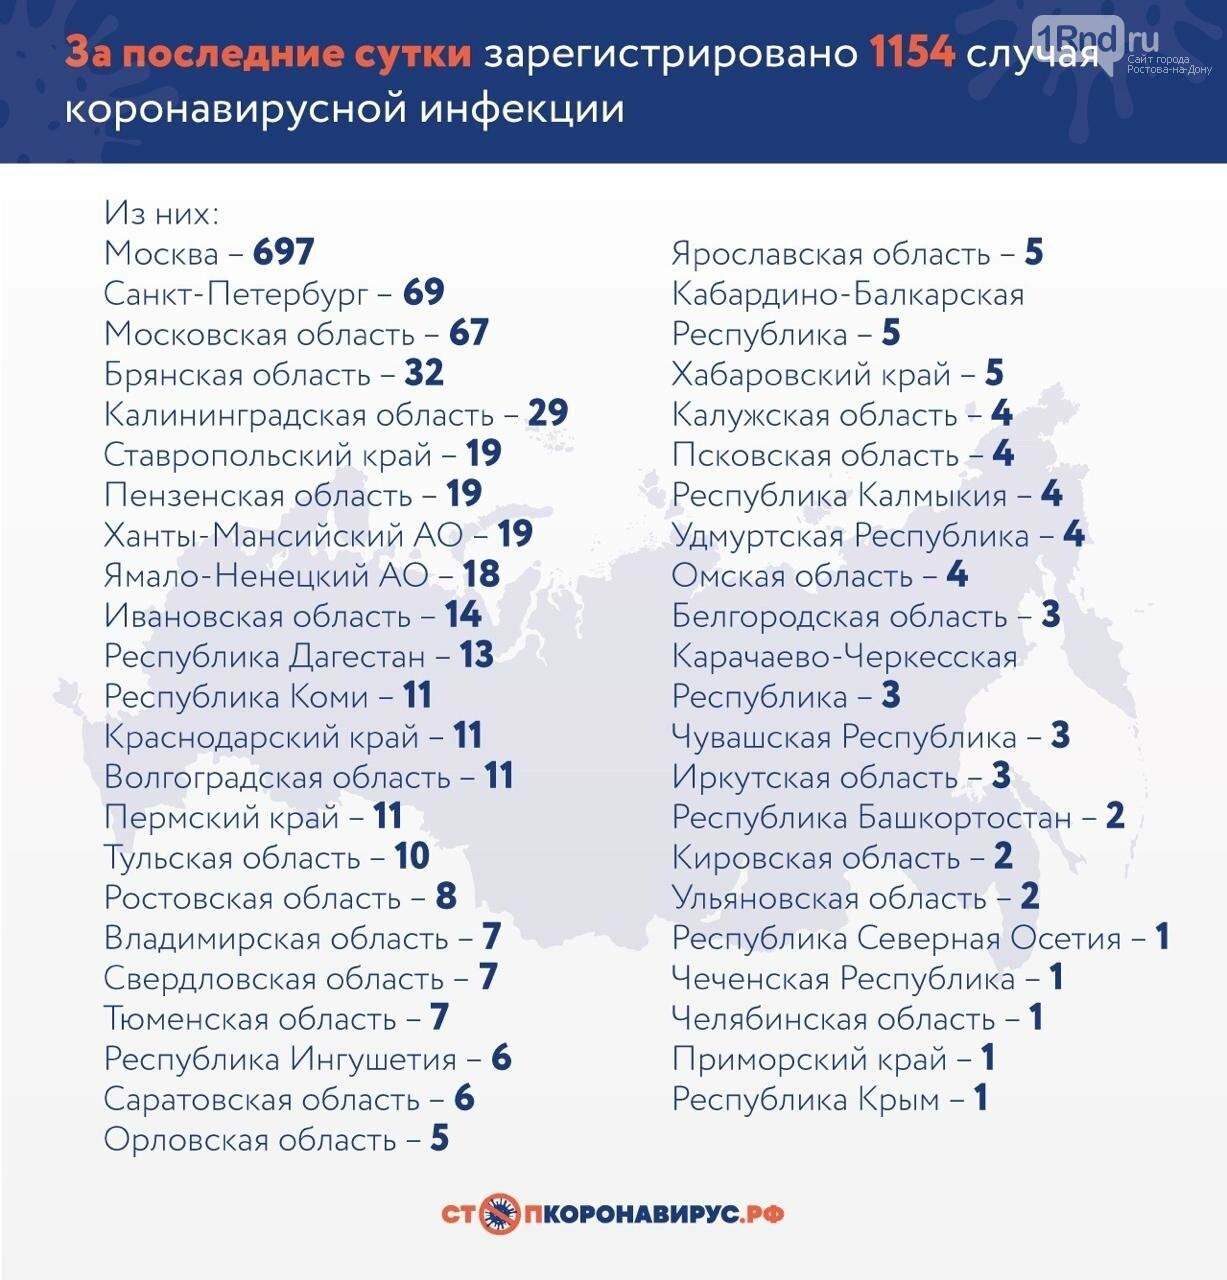 Восемь новых случаев коронавируса зафиксировали в Ростовской области , фото-1